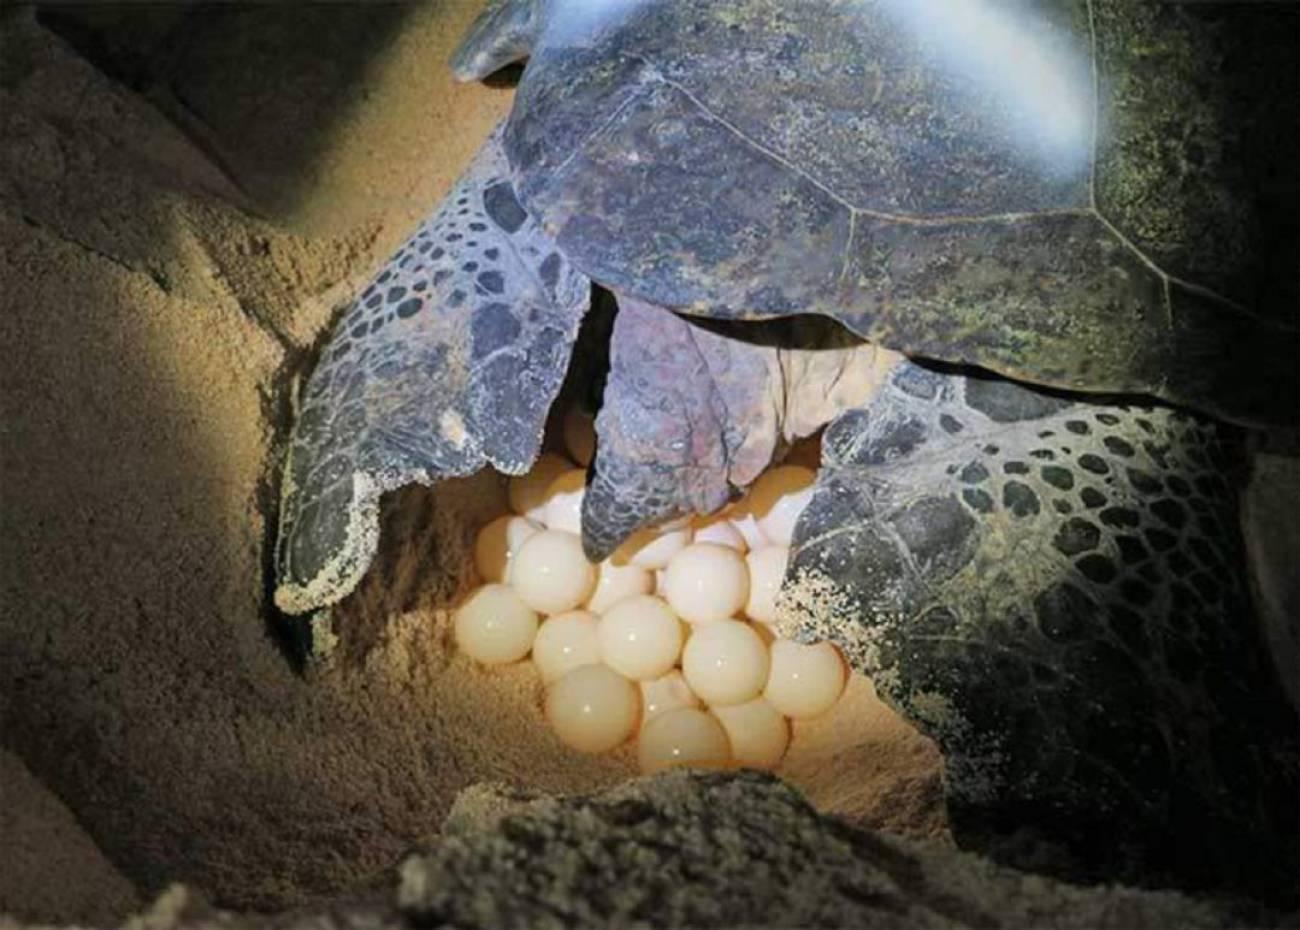 Encuentran de madrugada una tortuga desovando en una playa de La Manga